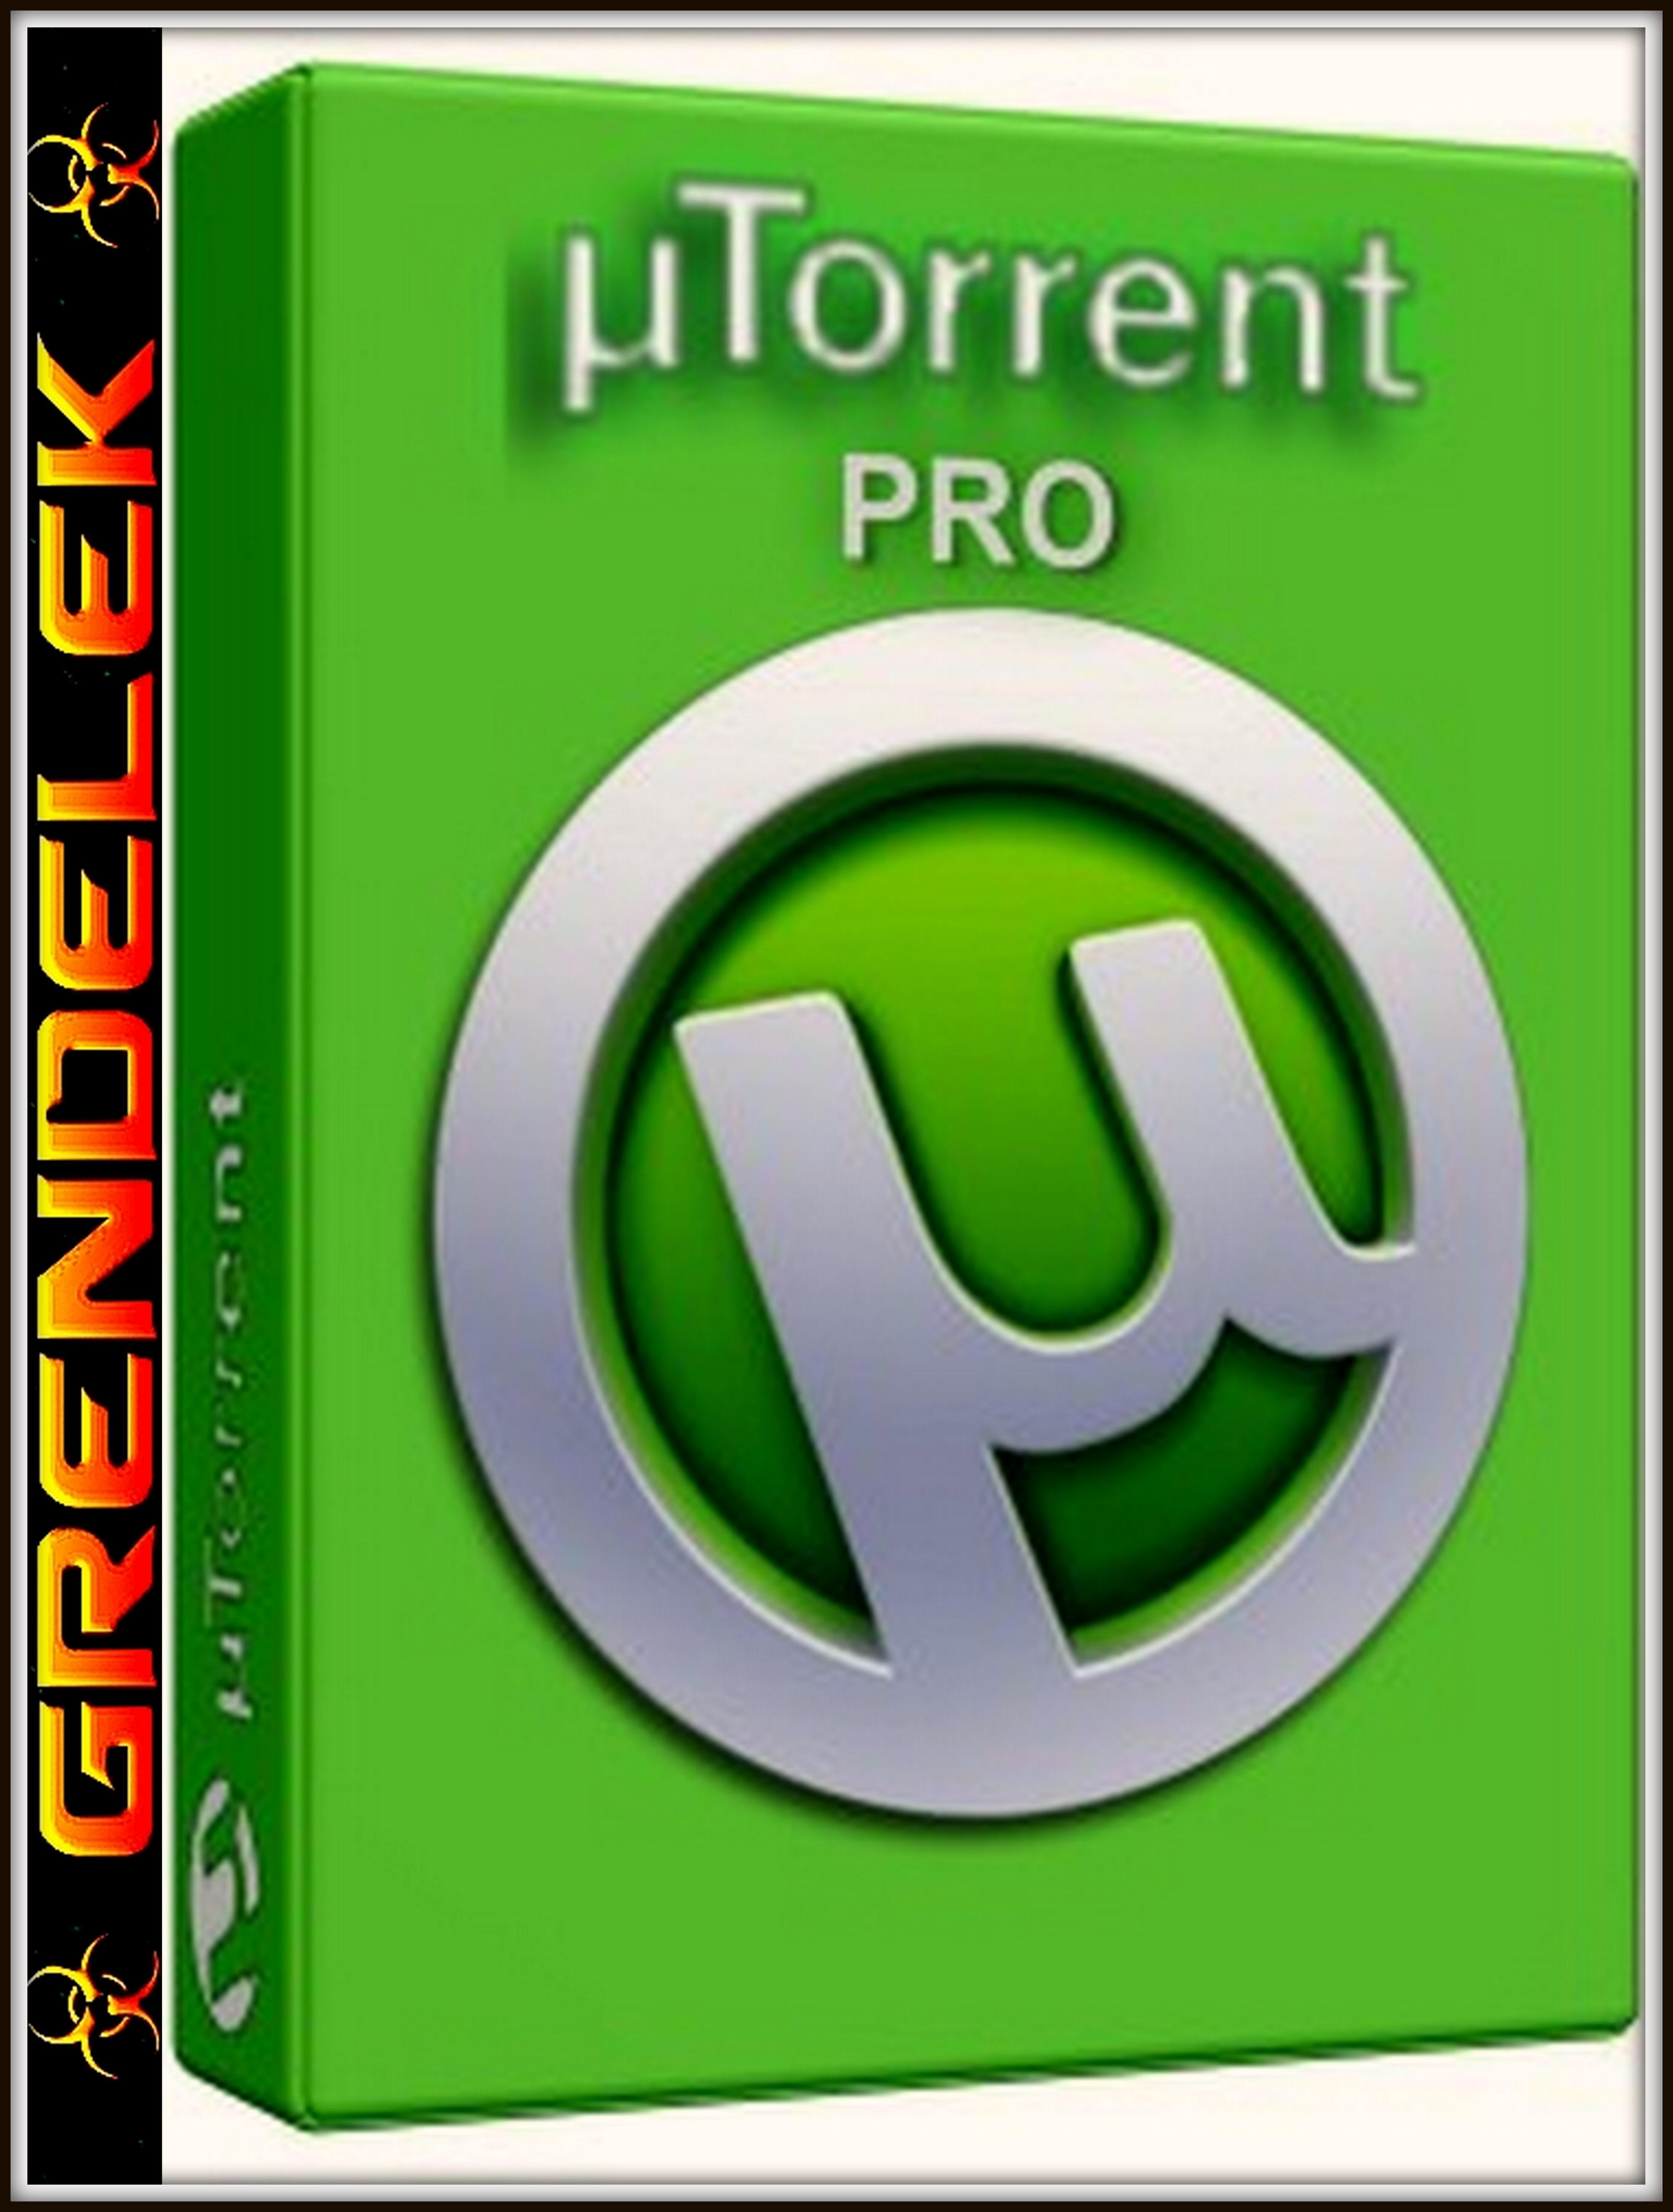 uTorrent  / µTorrent Pro 3.5.5 Build 45365 MULTI-PL [Wersja zarejestrowana]